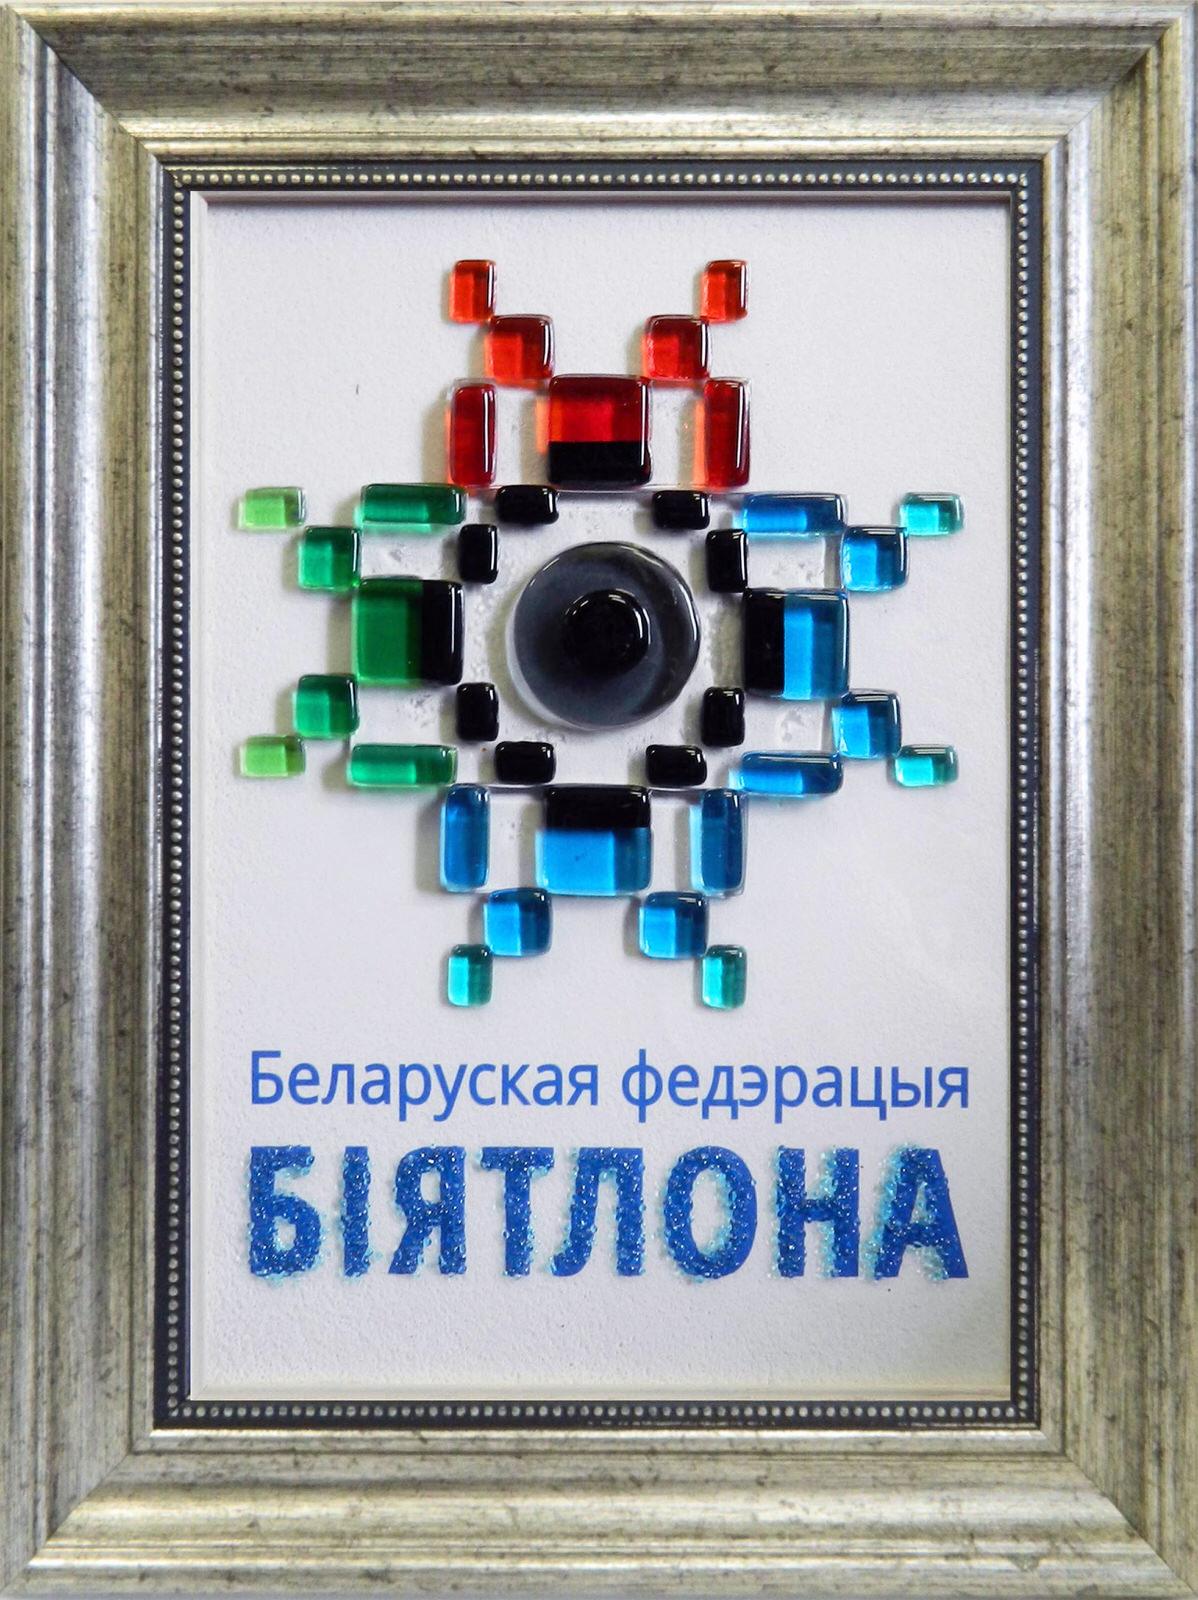 Логотип из стекла Белорусская федерация биатлона